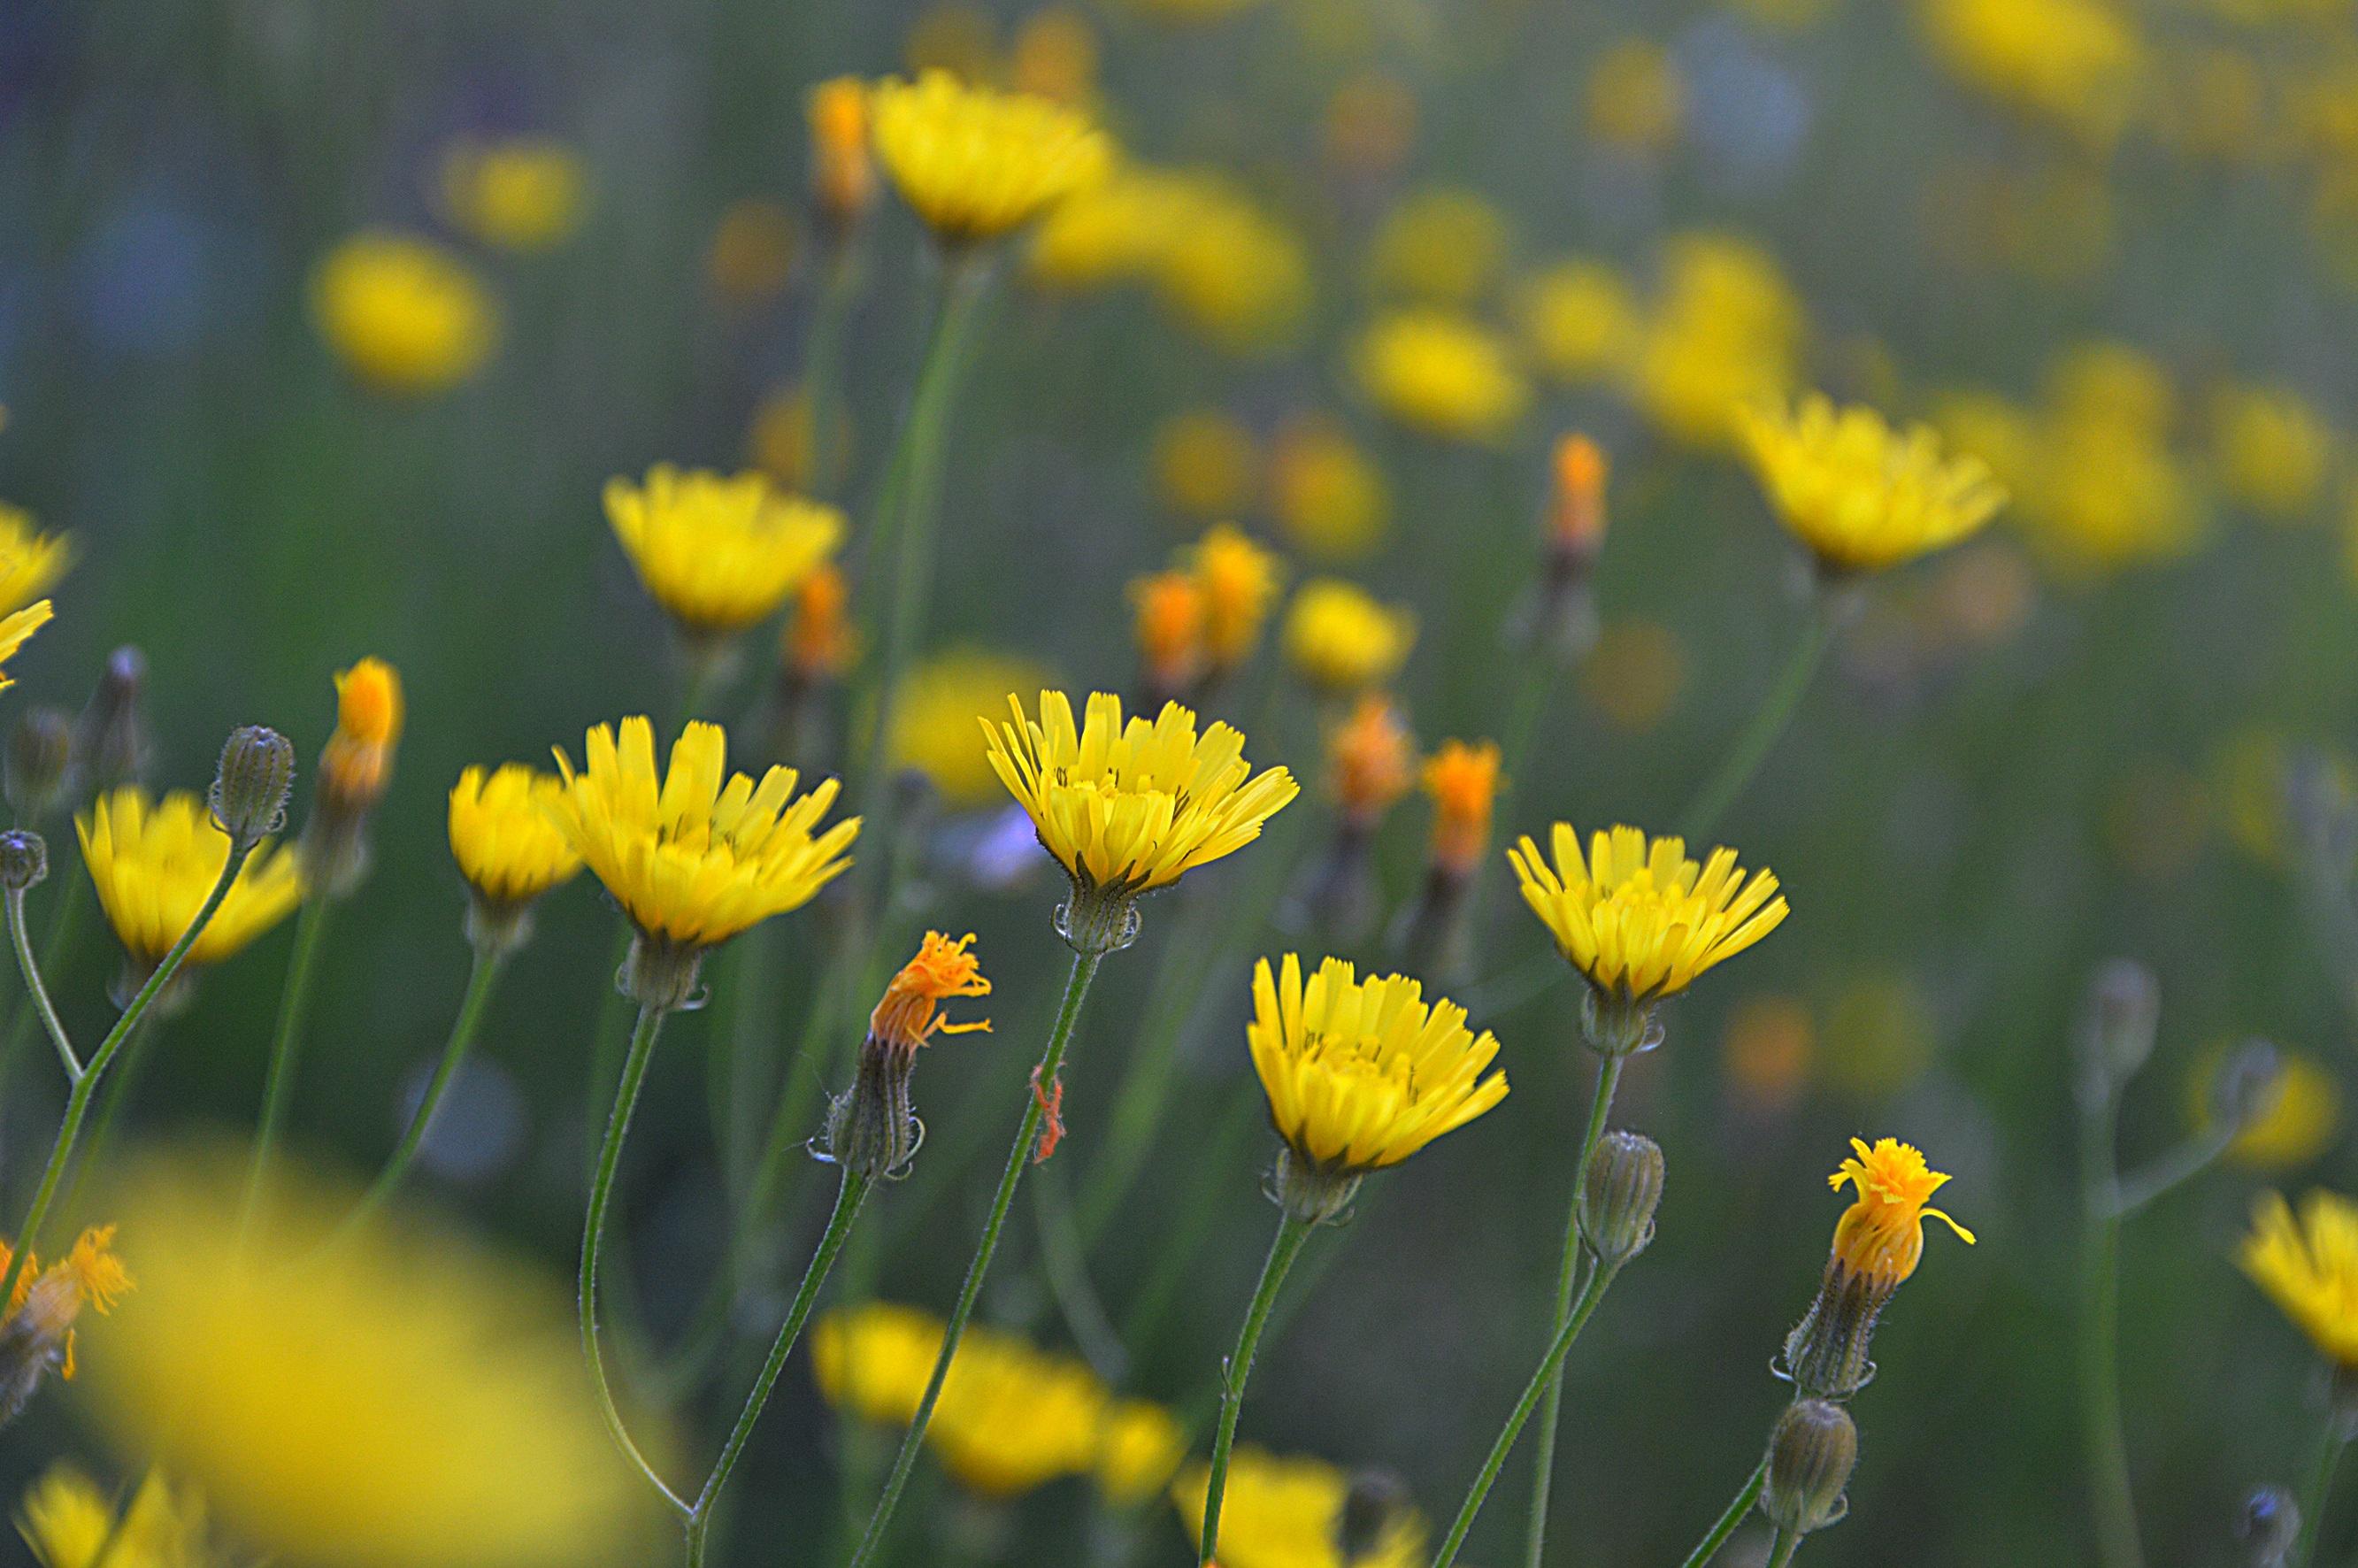 название желтых полевых цветов с картинками толщины находится выпадающем